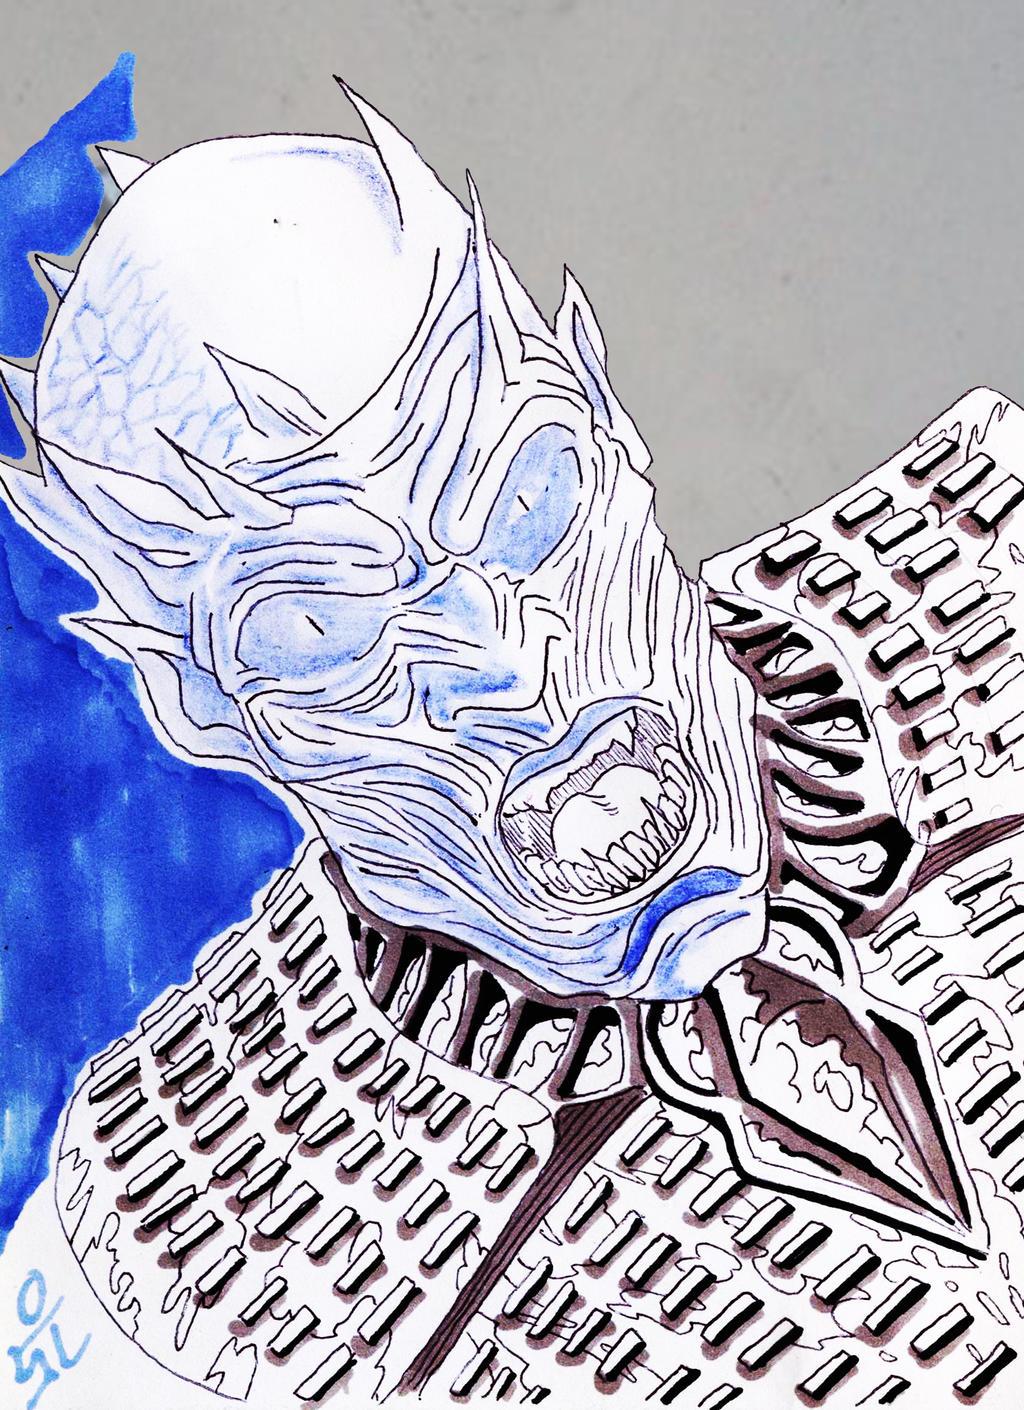 White Walker by mrpulp-presenta